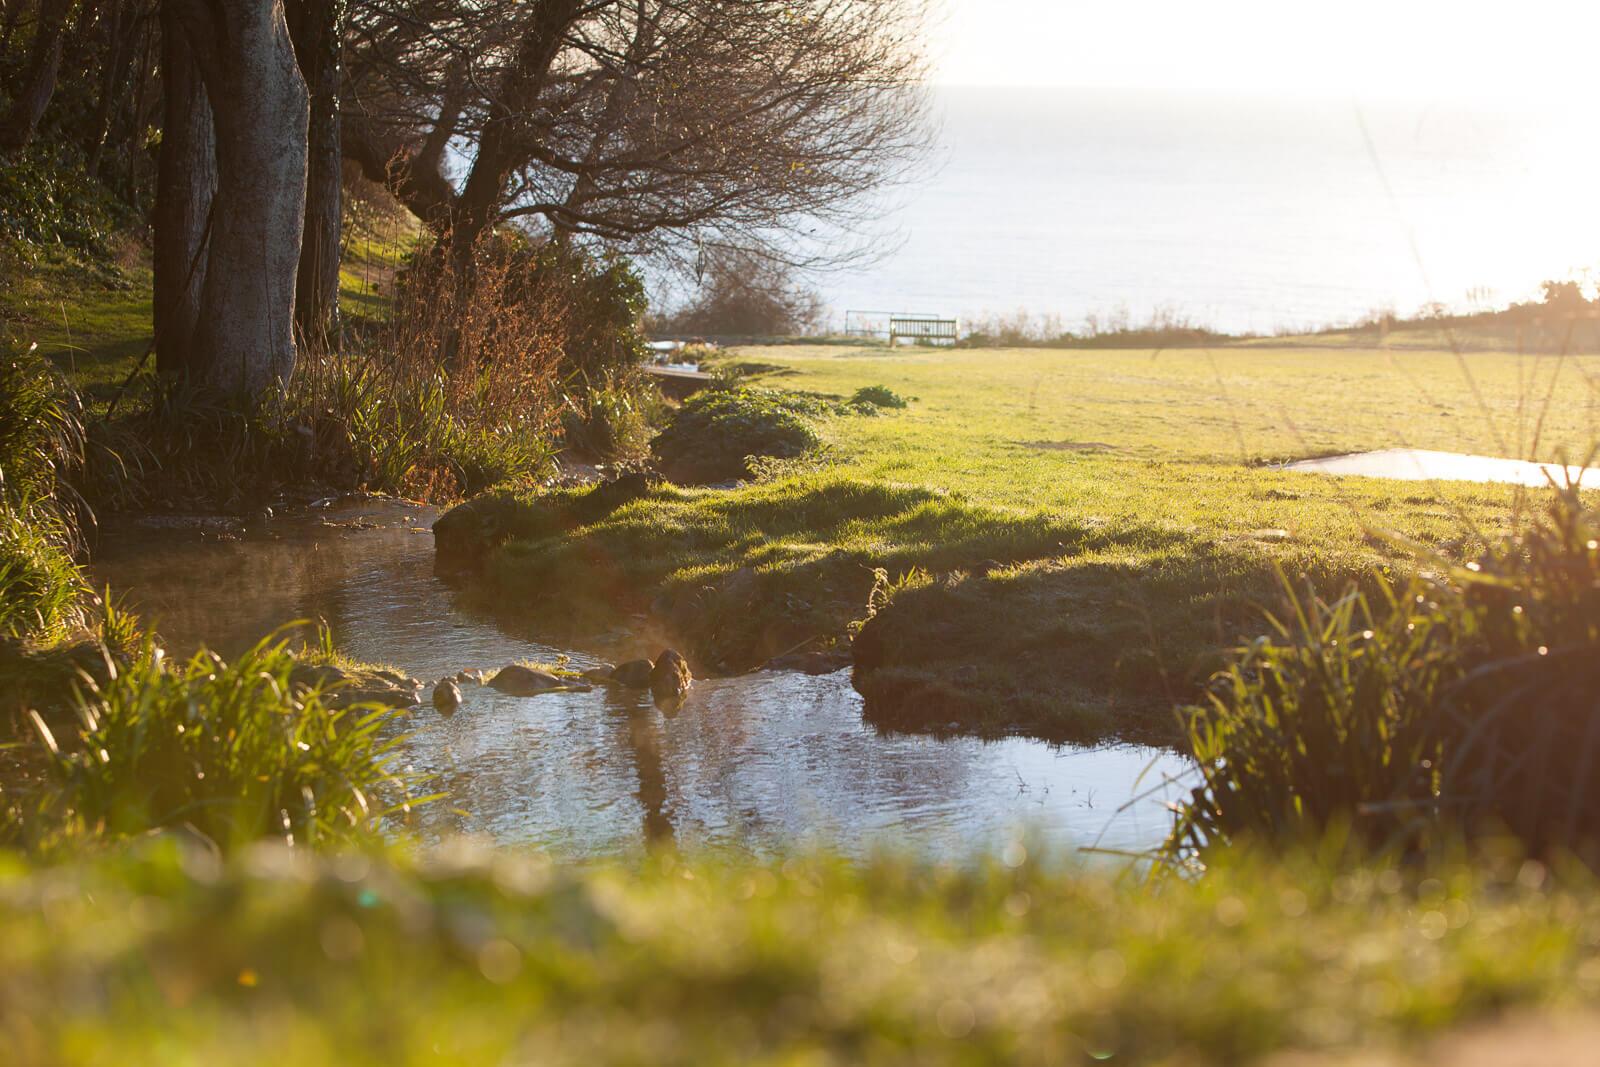 Aus einer Quelle gespeister Bach auf der Isle of Wight, England auf dem Weg ins Meer